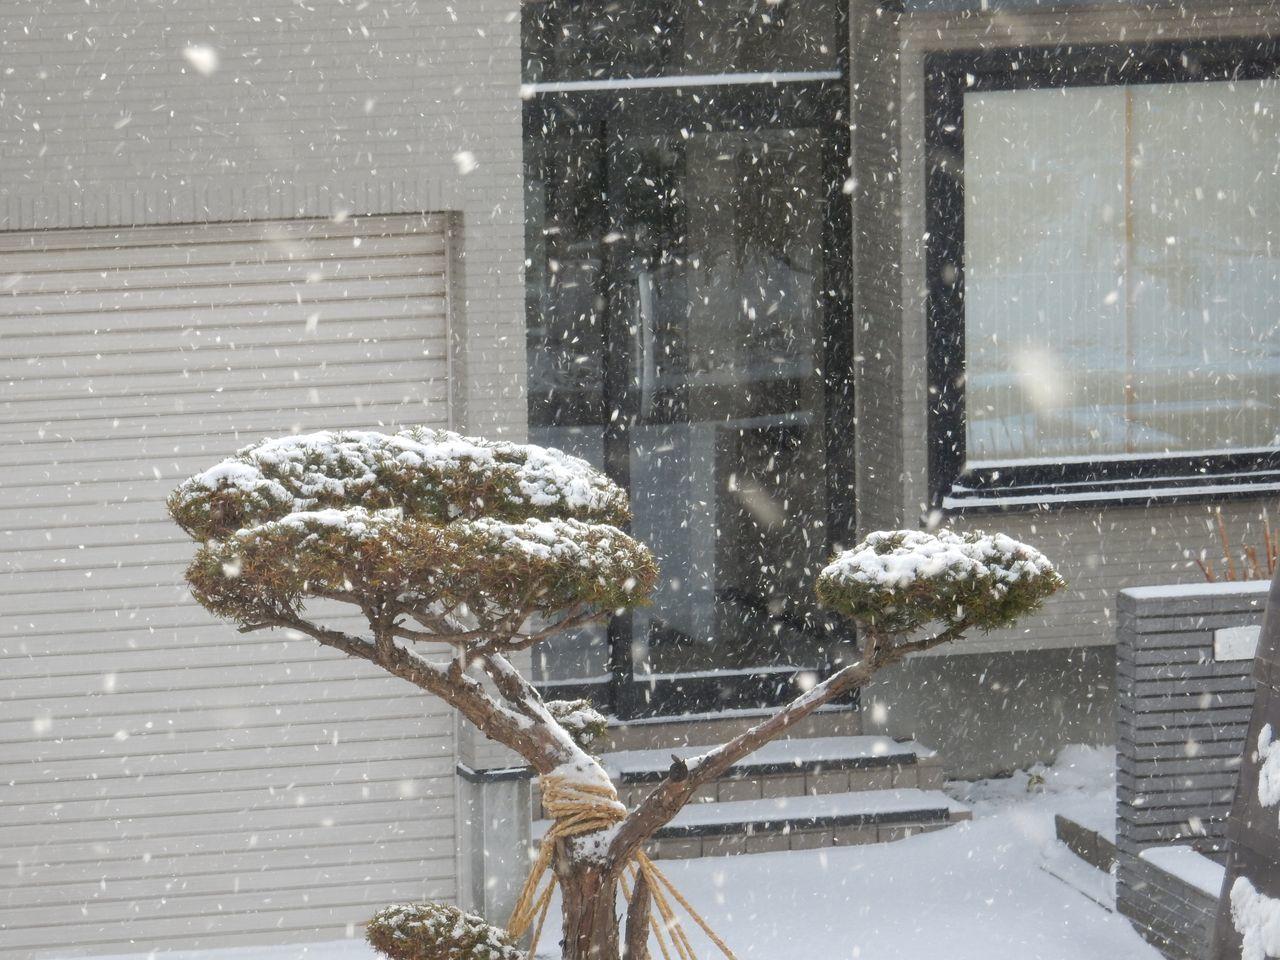 外は雪 中ではシノブが成長中_c0025115_21145854.jpg